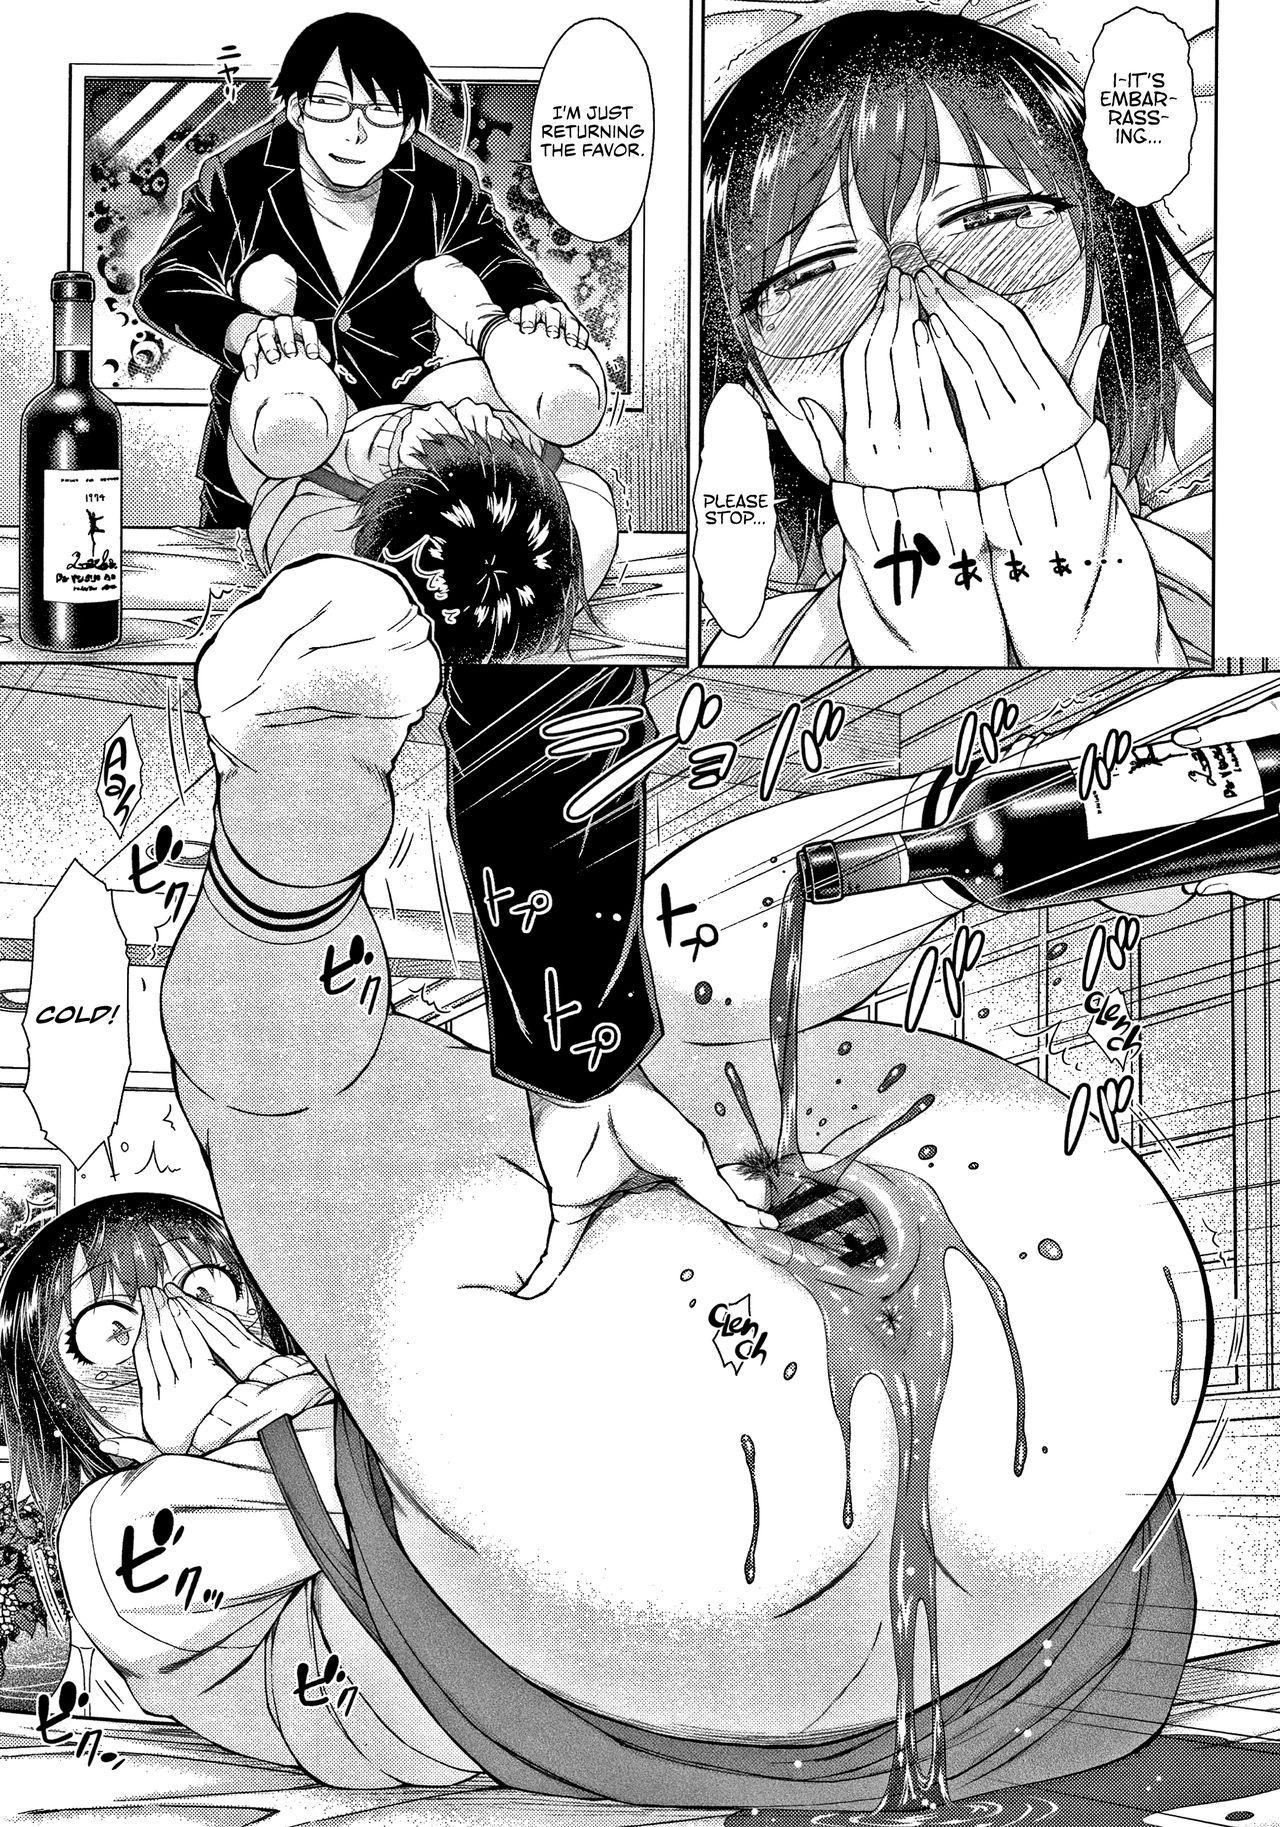 [Igarashi Shouno] Saikyou Hikikomori Onzoushi no Torokeru Konkatsu Harem   The Top-Tier Hikki Heir's Hubby-Hunting Harem Ch. 01-03 [English] [1F47B] 39